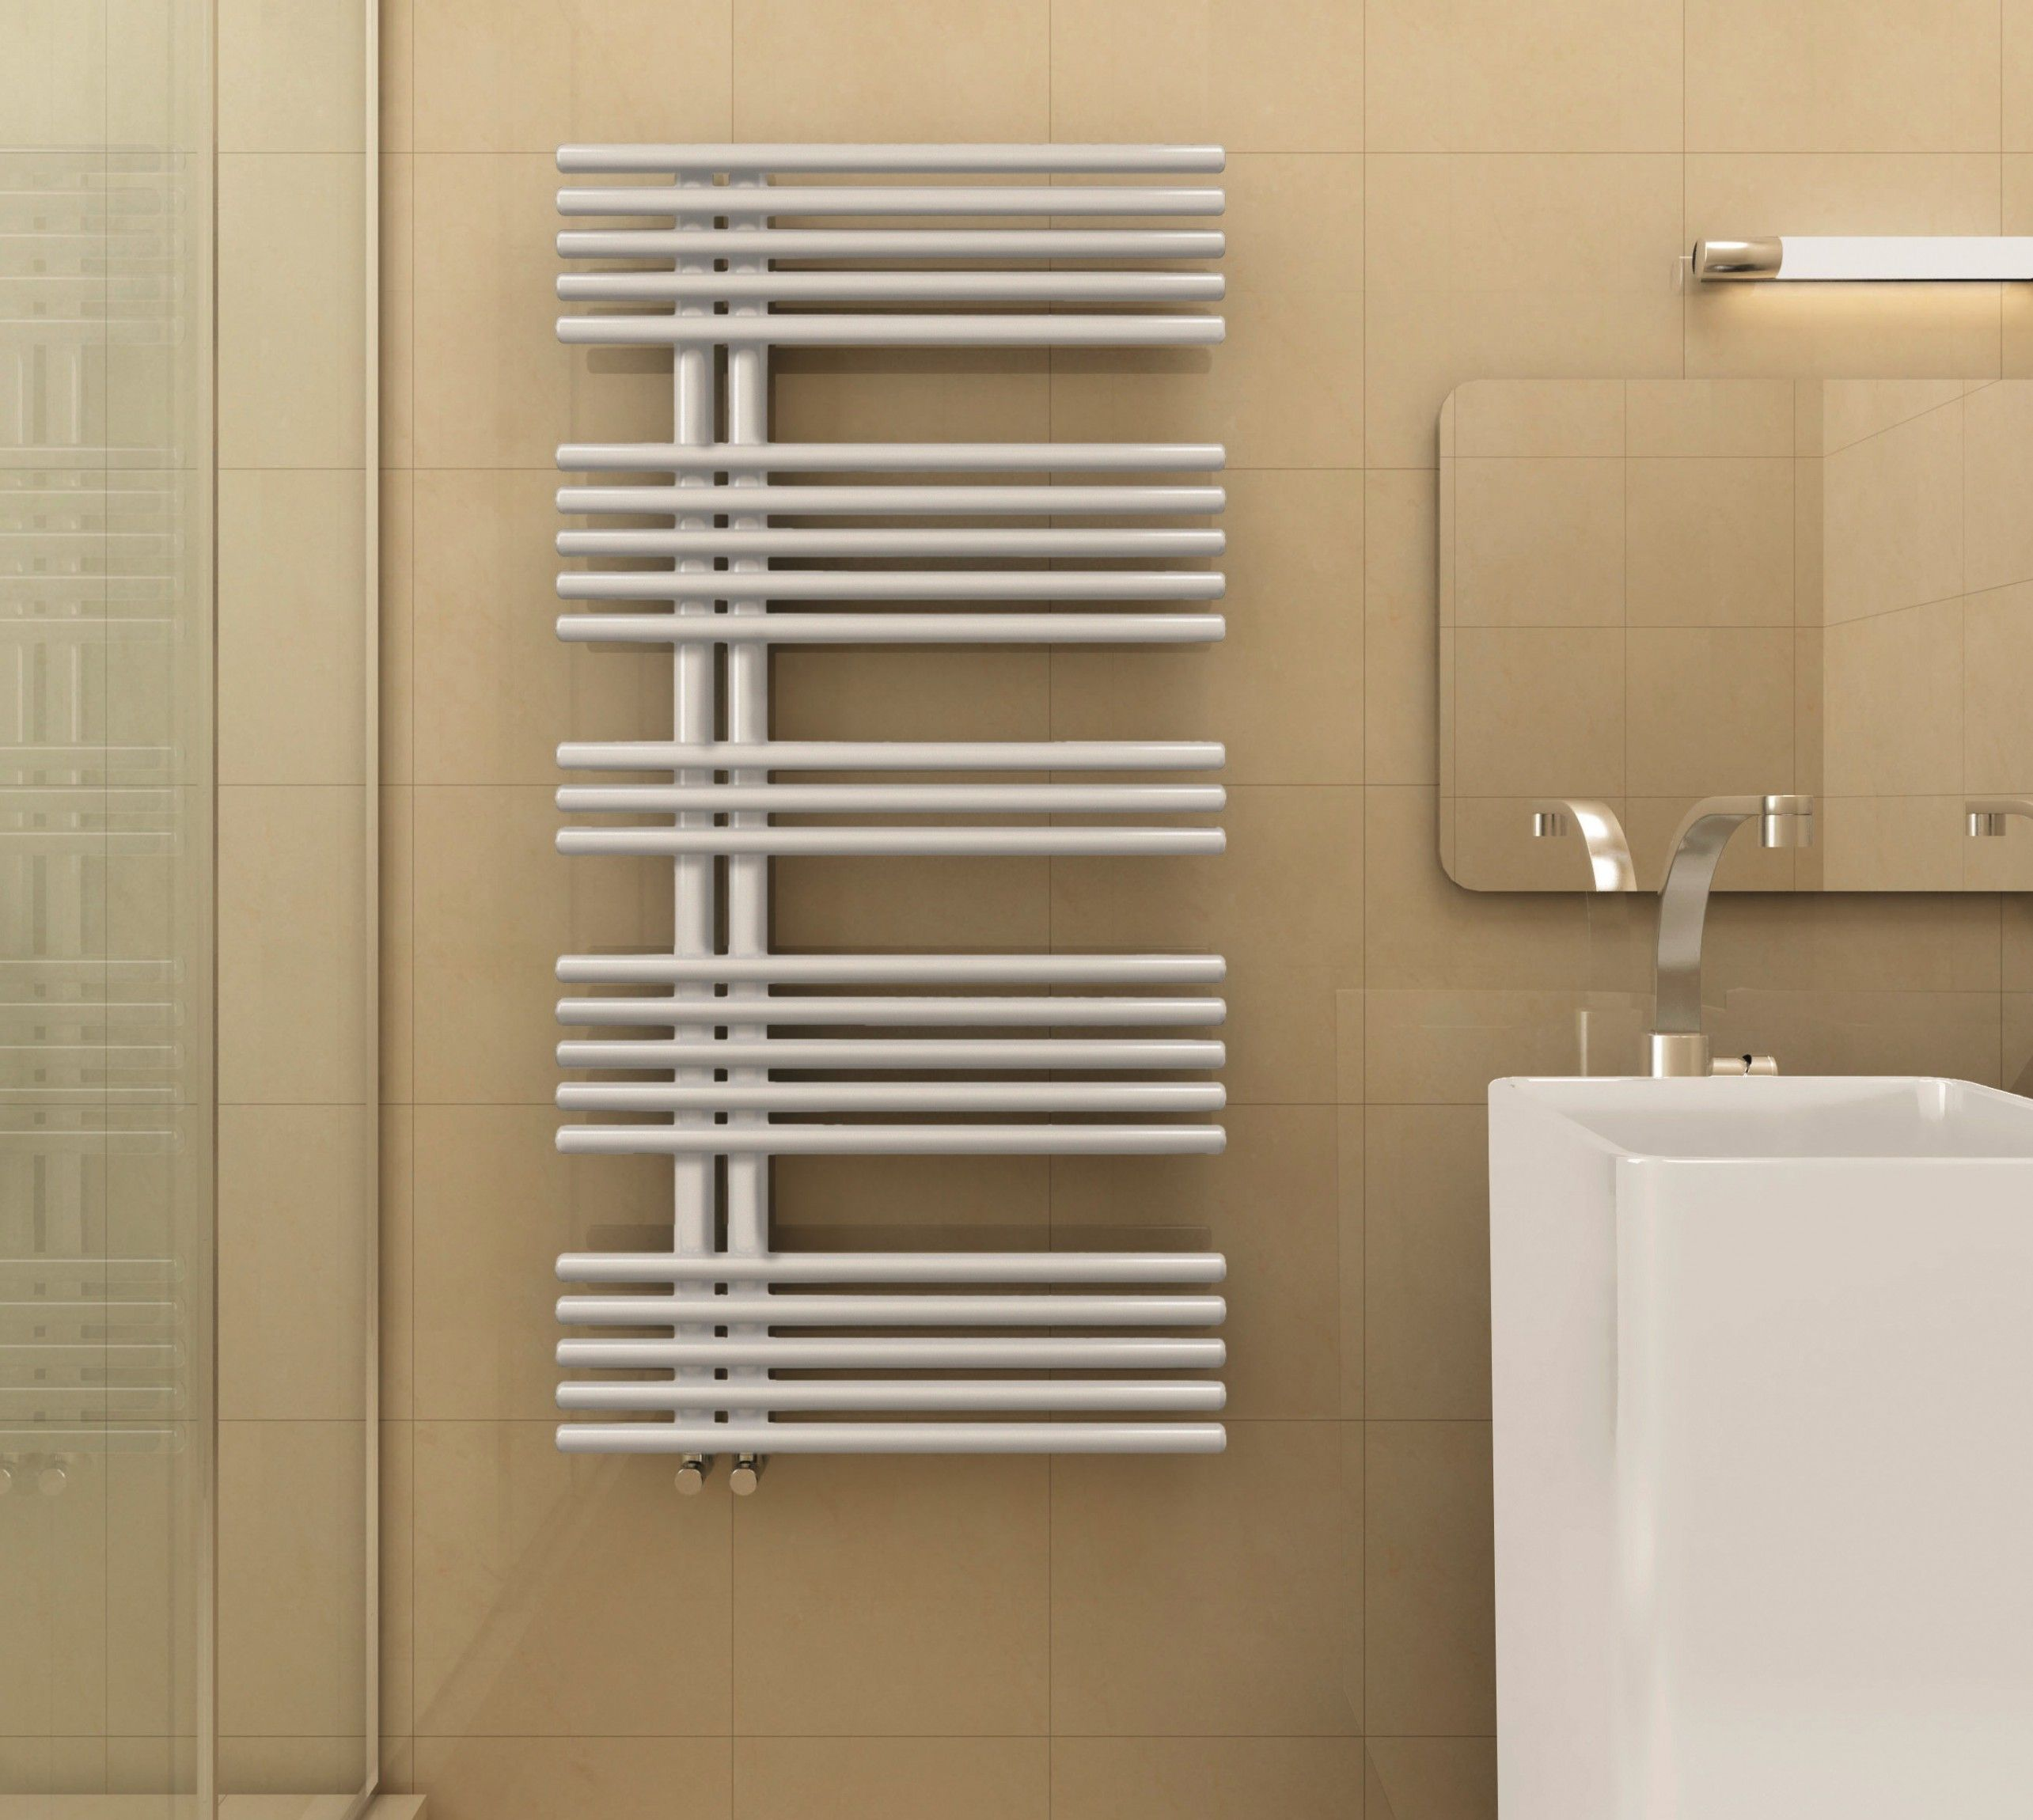 badheizk rper 600 x 1800 mm 962 watt heizstab heizung und elektrisch. Black Bedroom Furniture Sets. Home Design Ideas